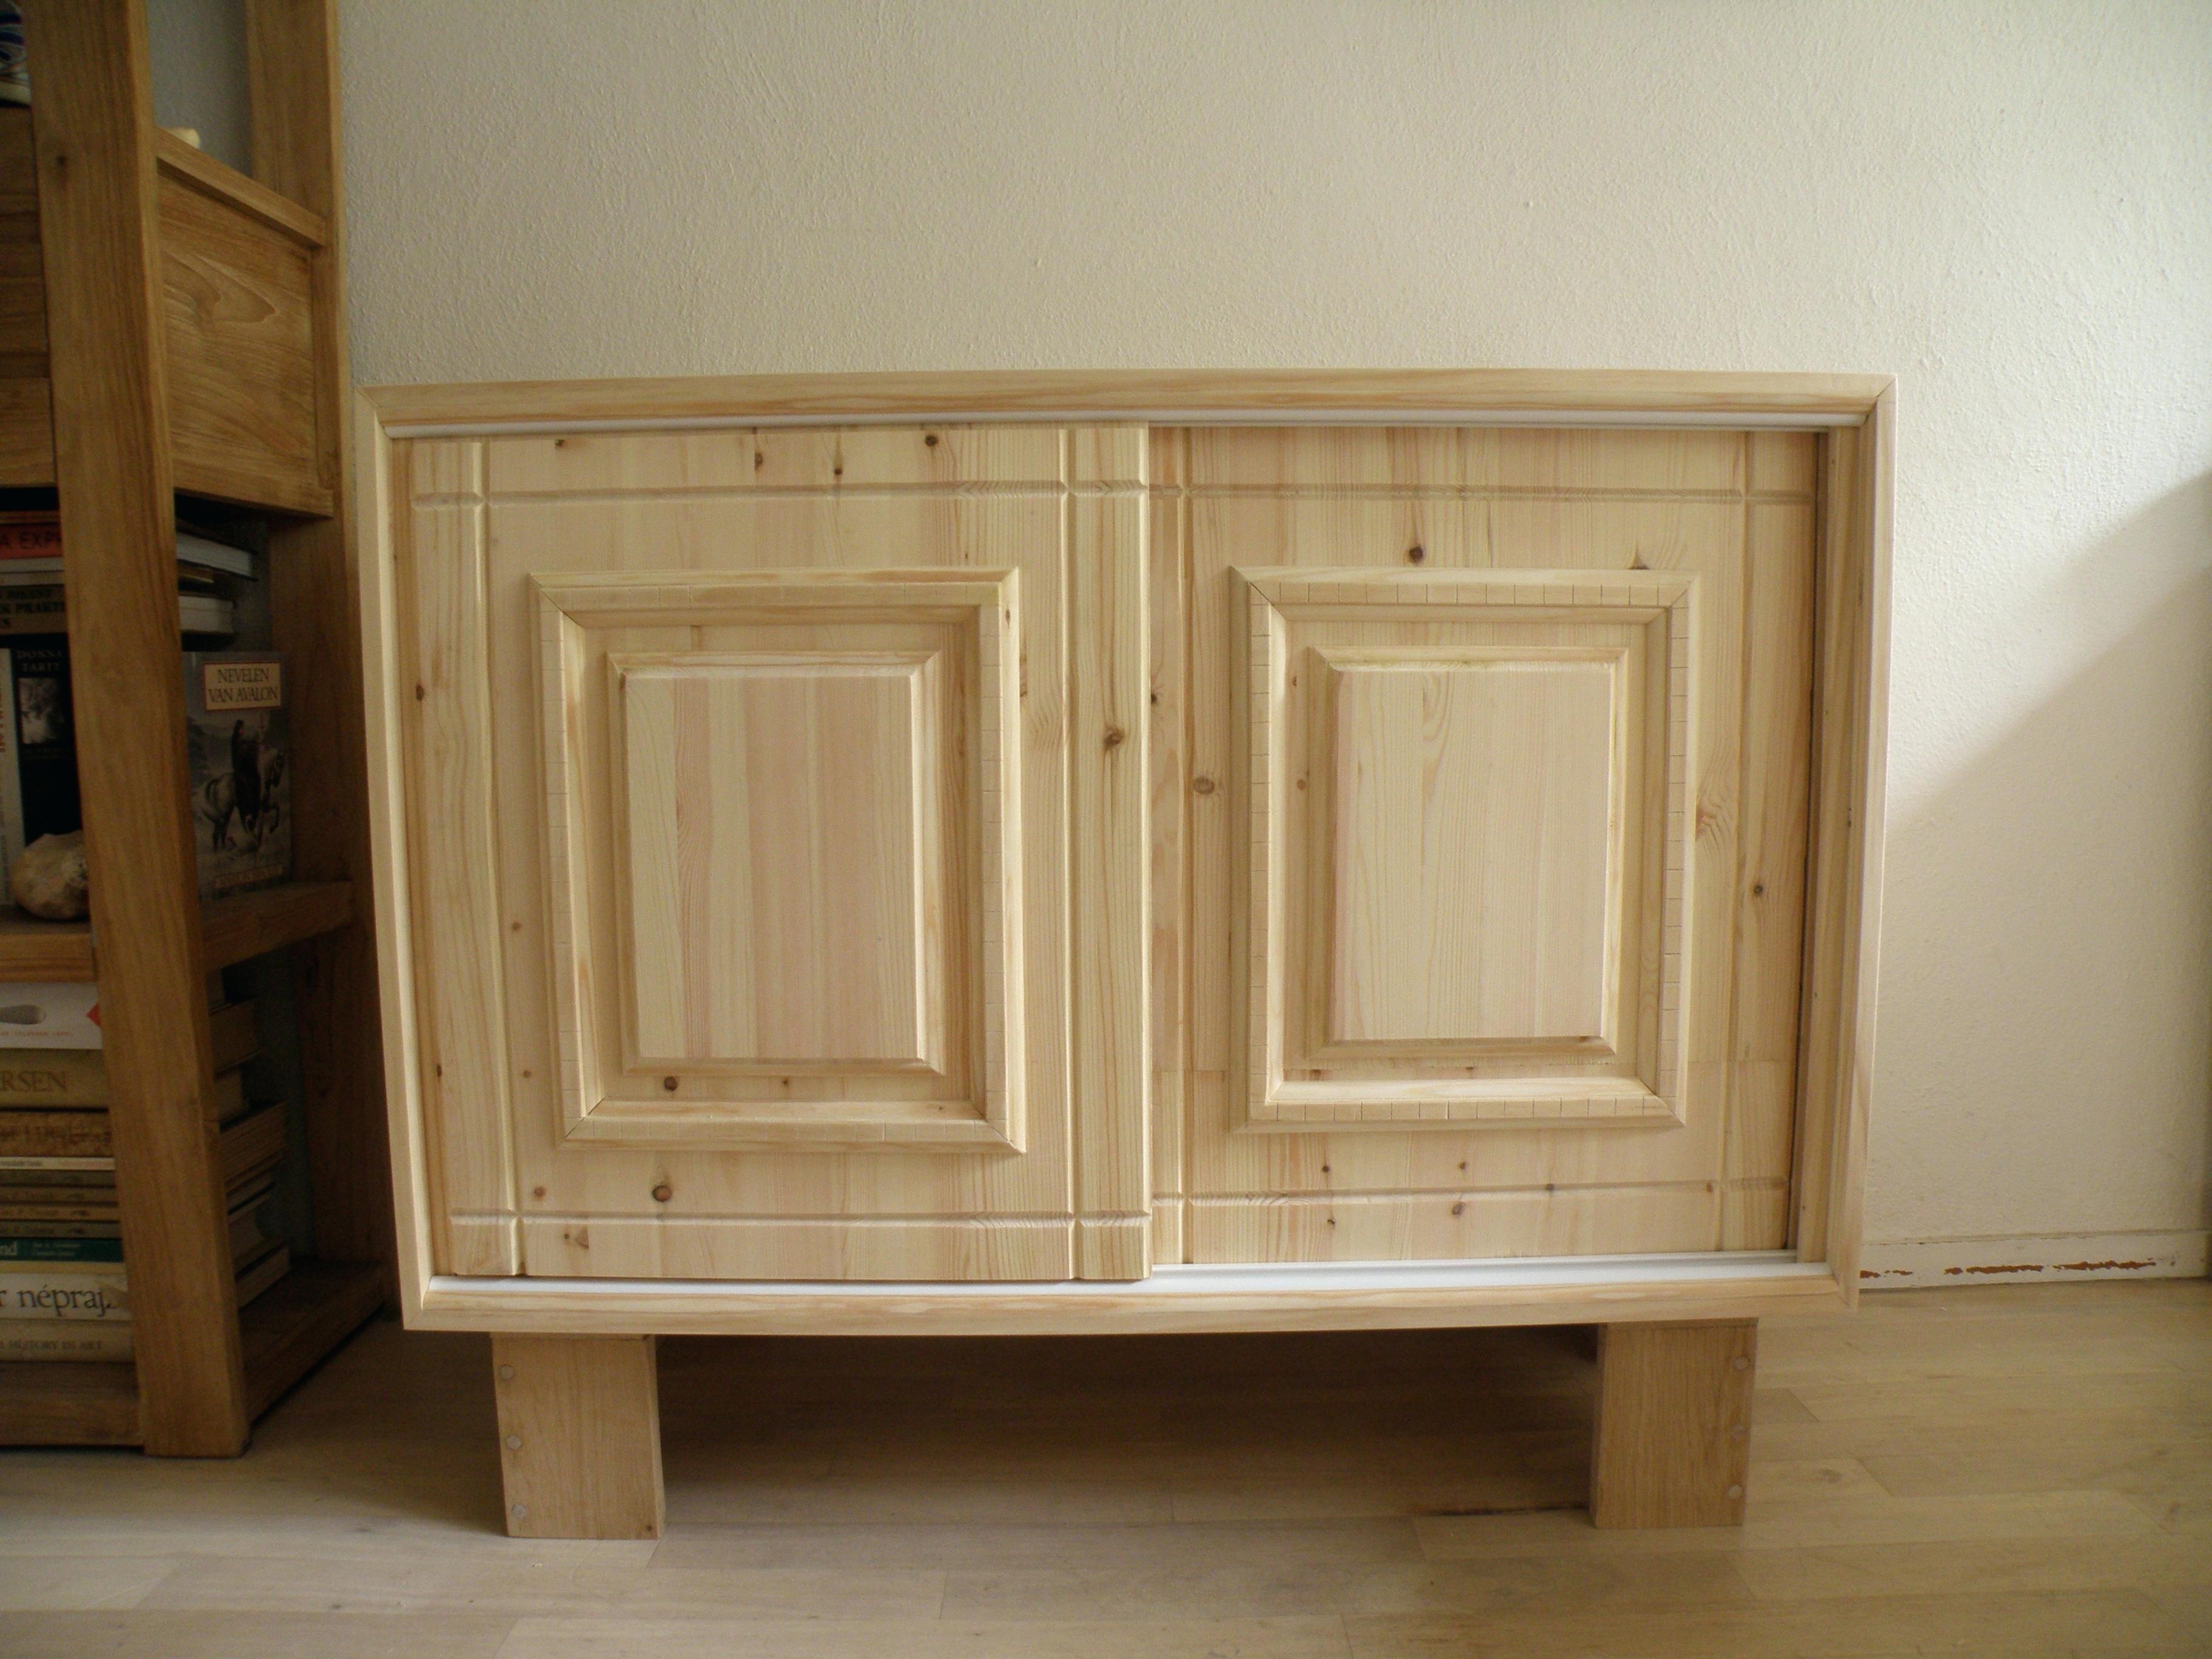 Garage cabinet hardware eine häufige wahl für besteck wasserhähne